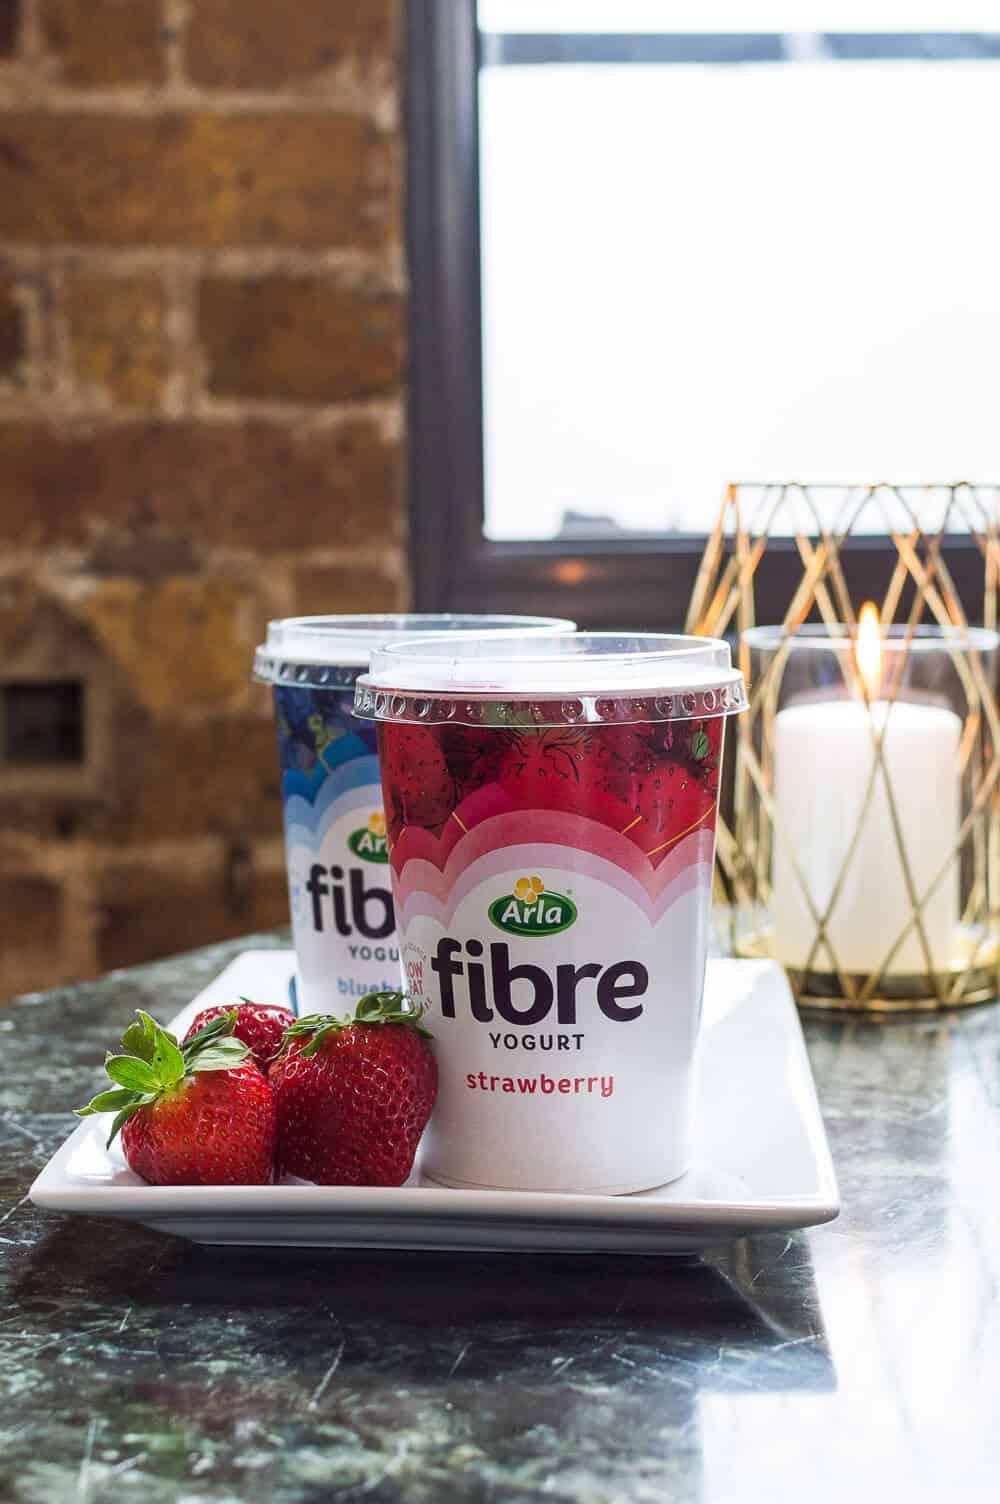 a pot of arla fibre strawberry yogurt